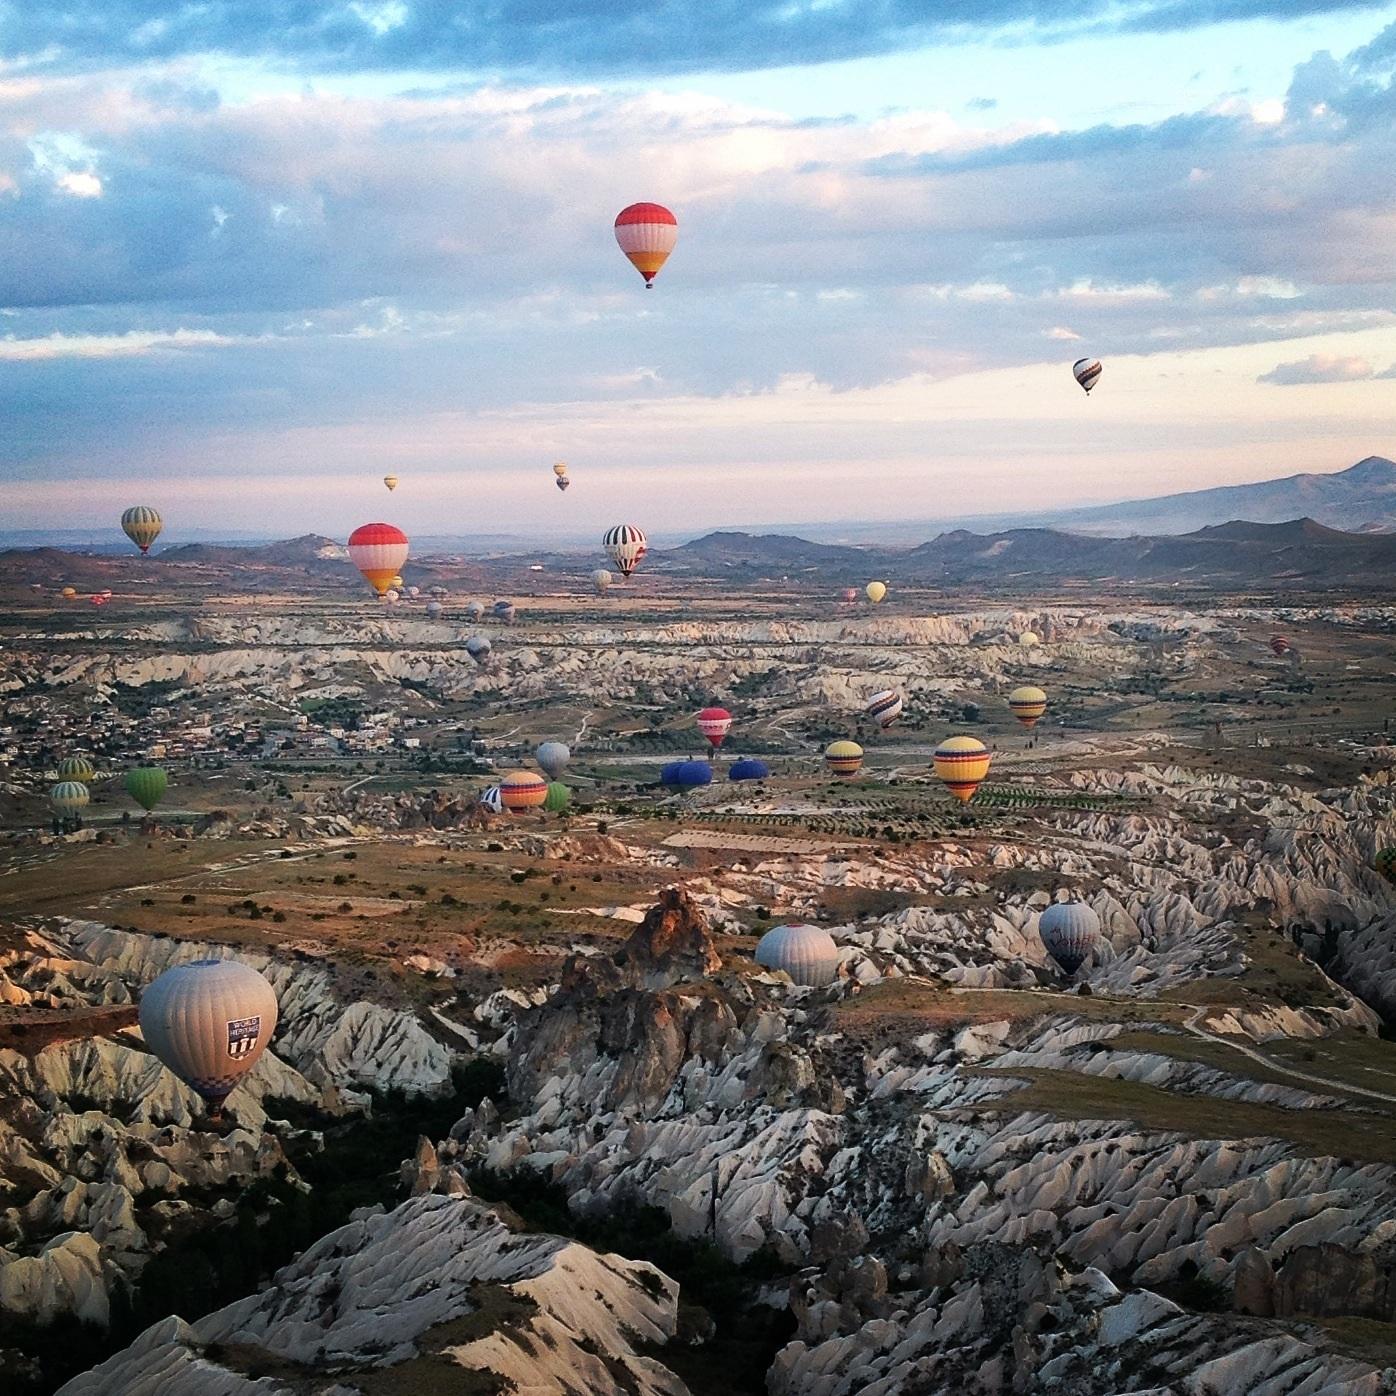 【携程攻略】哈尔滨到土耳其旅游报价,哈尔滨逃脱园密室失落攻略21图片